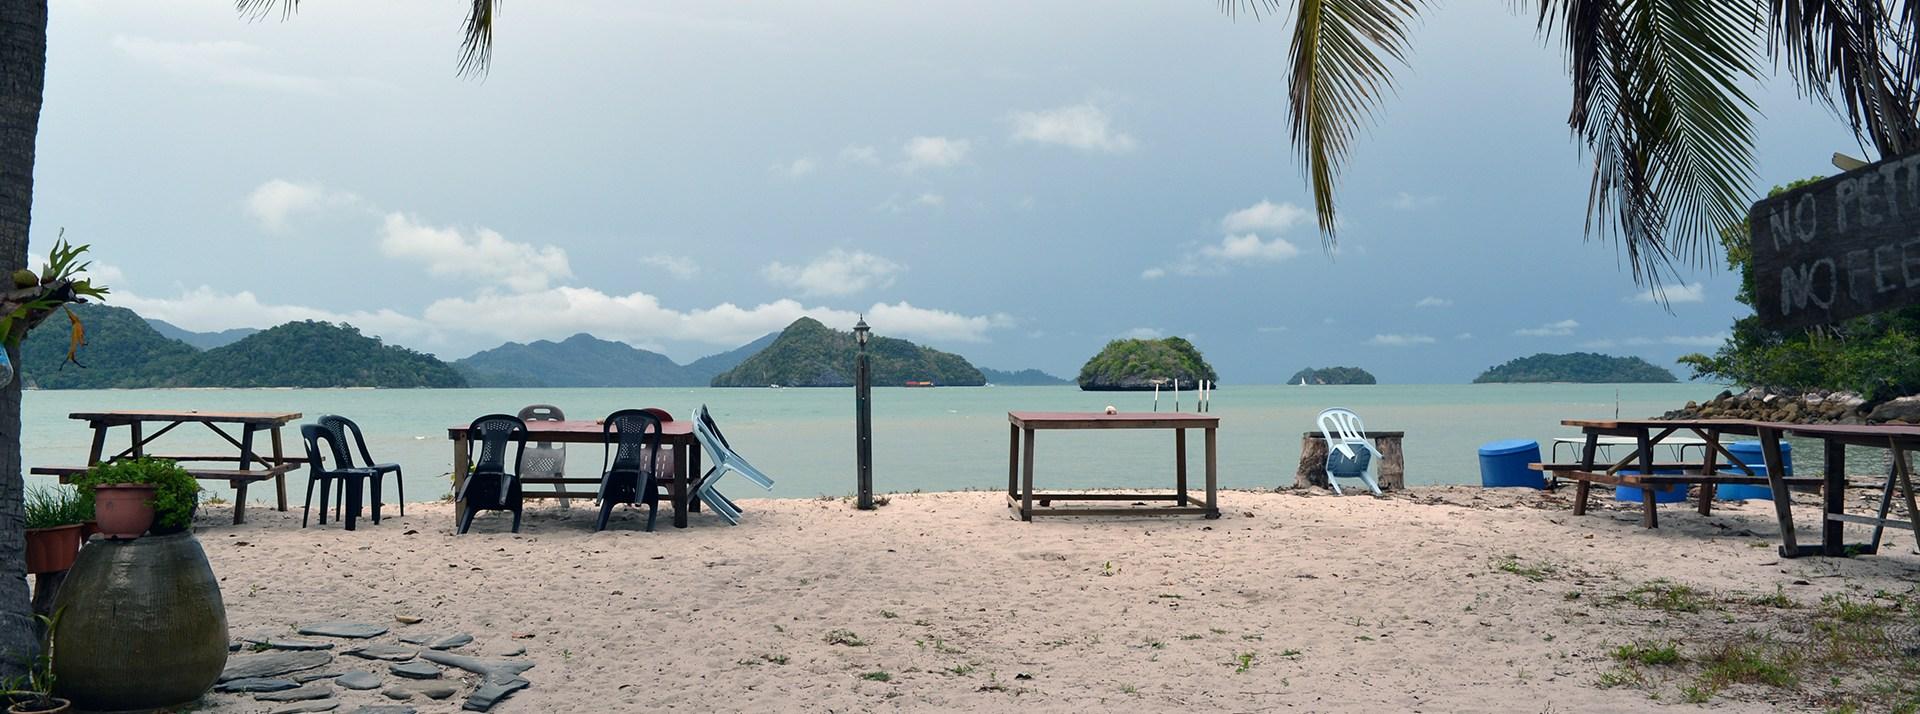 Tuba island, Malaysia